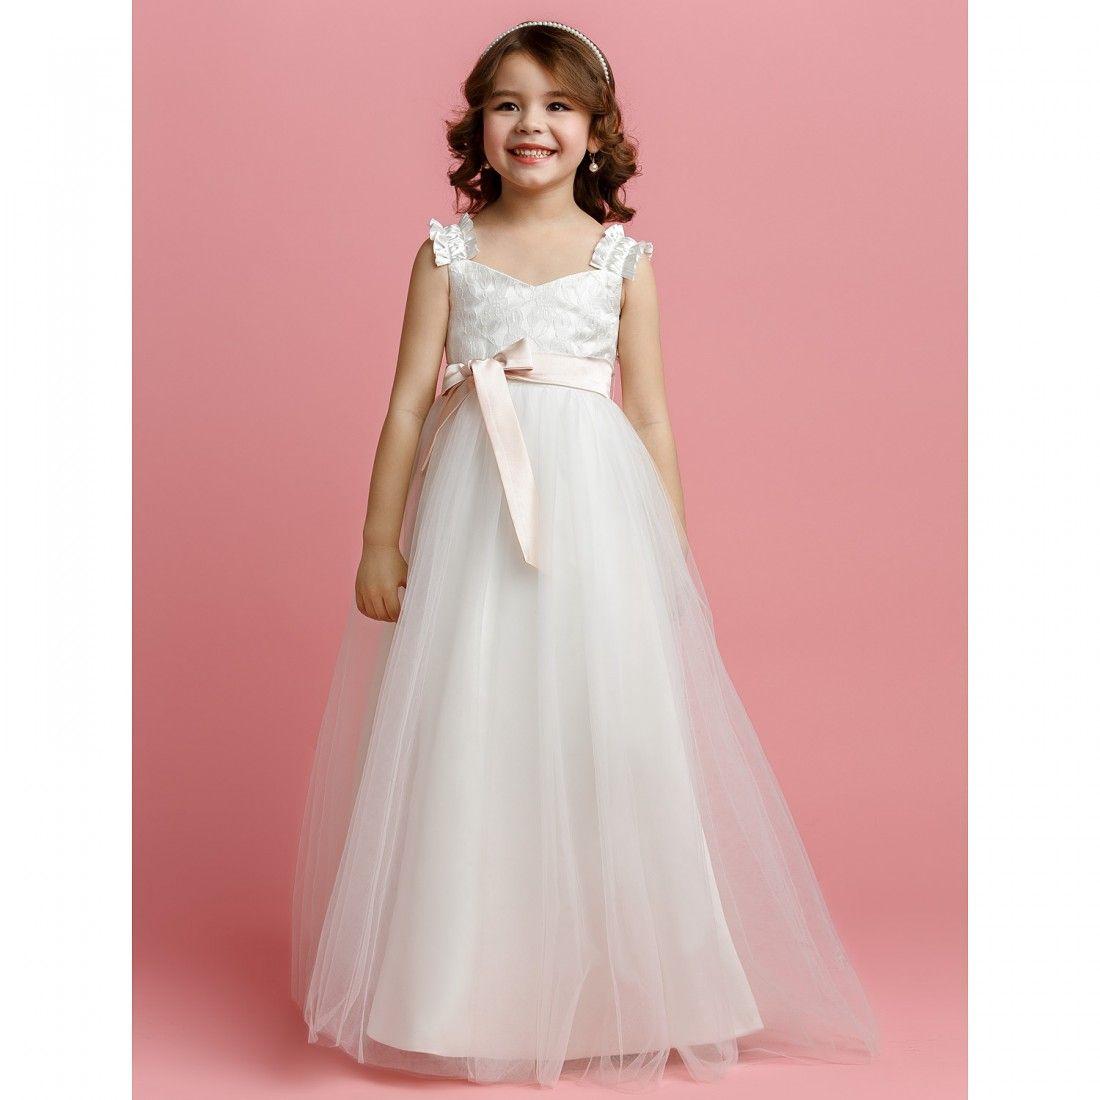 A-line Straps Floor-length Tulle Flower Girl Dress | Kiddos ...